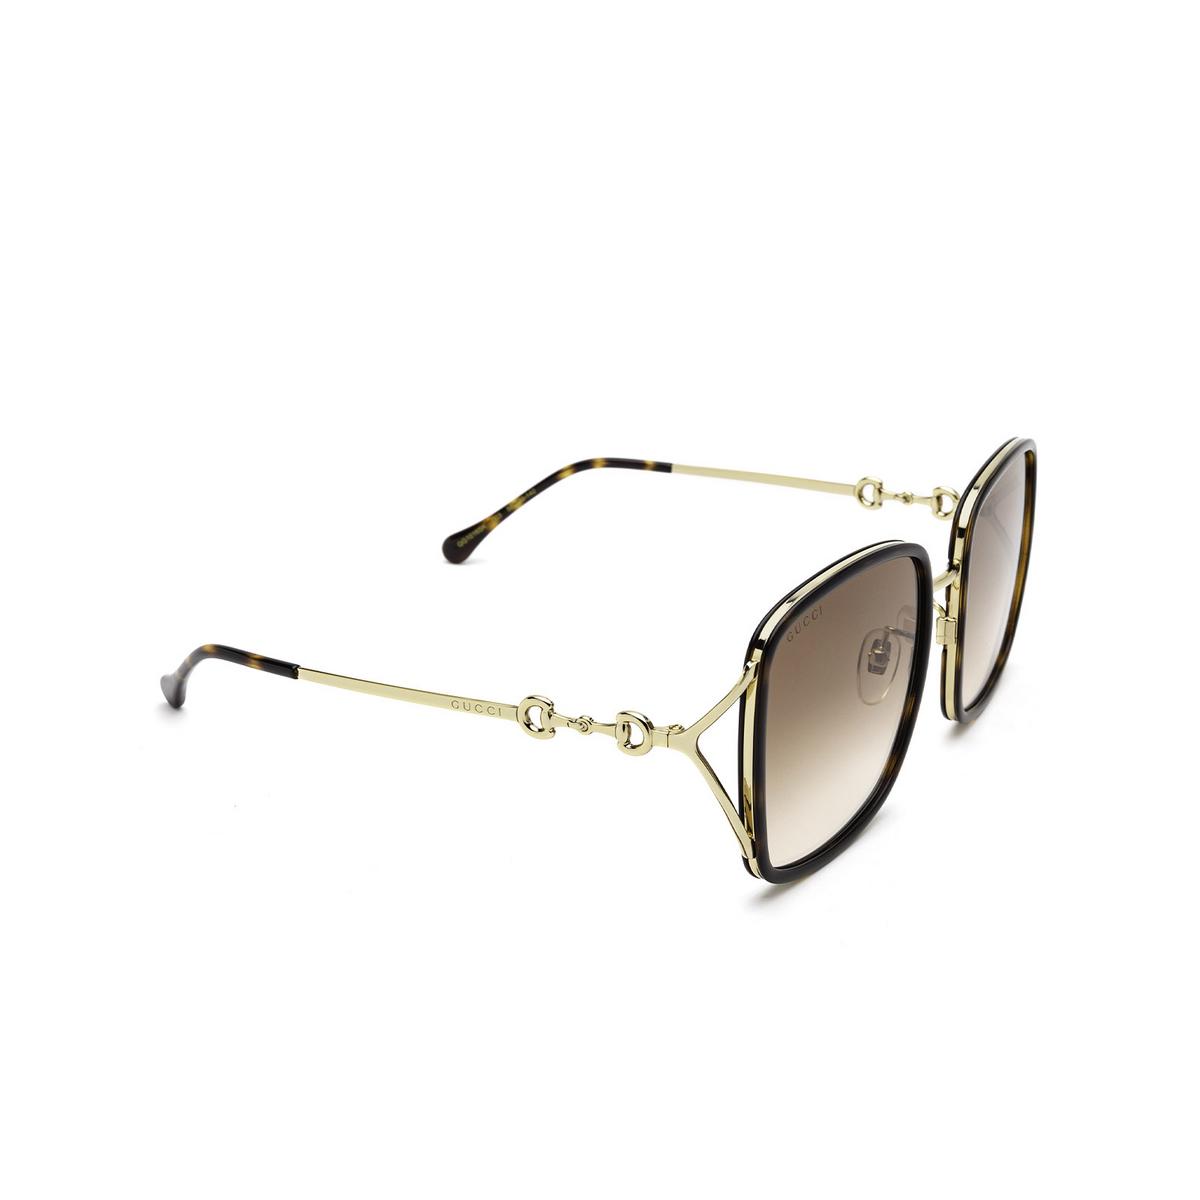 Gucci® Square Sunglasses: GG1016SK color Havana 003 - three-quarters view.